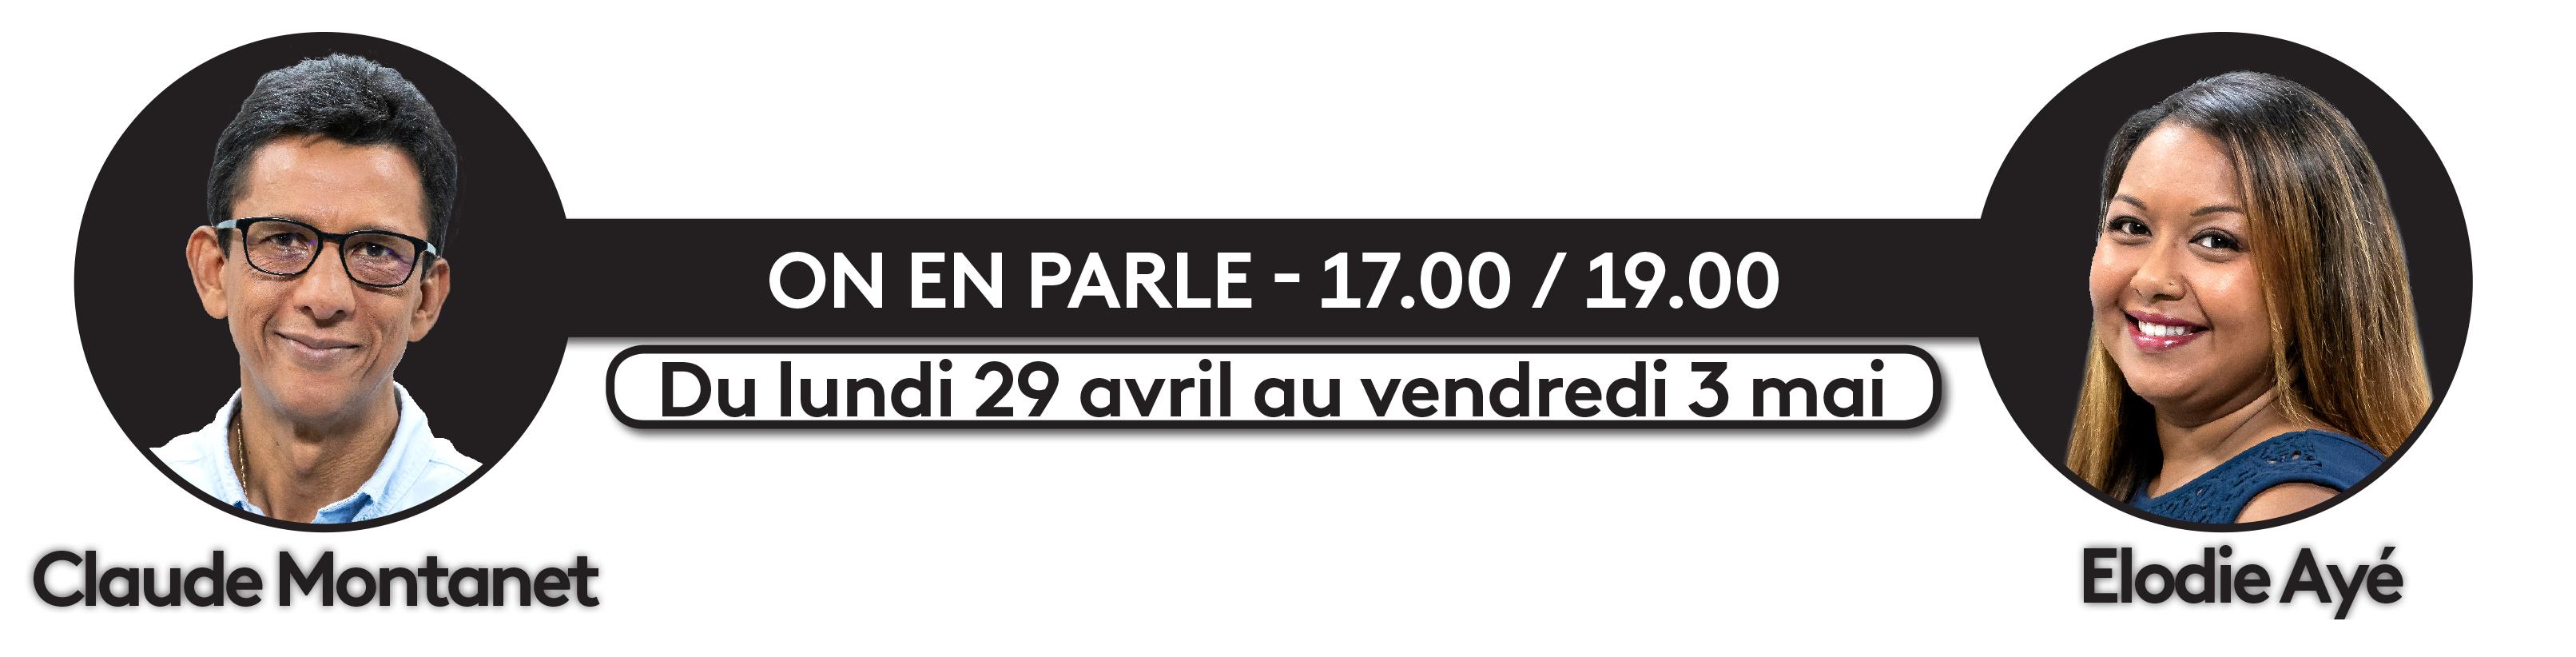 Suivez-nous sur reunion.la1ere.fr